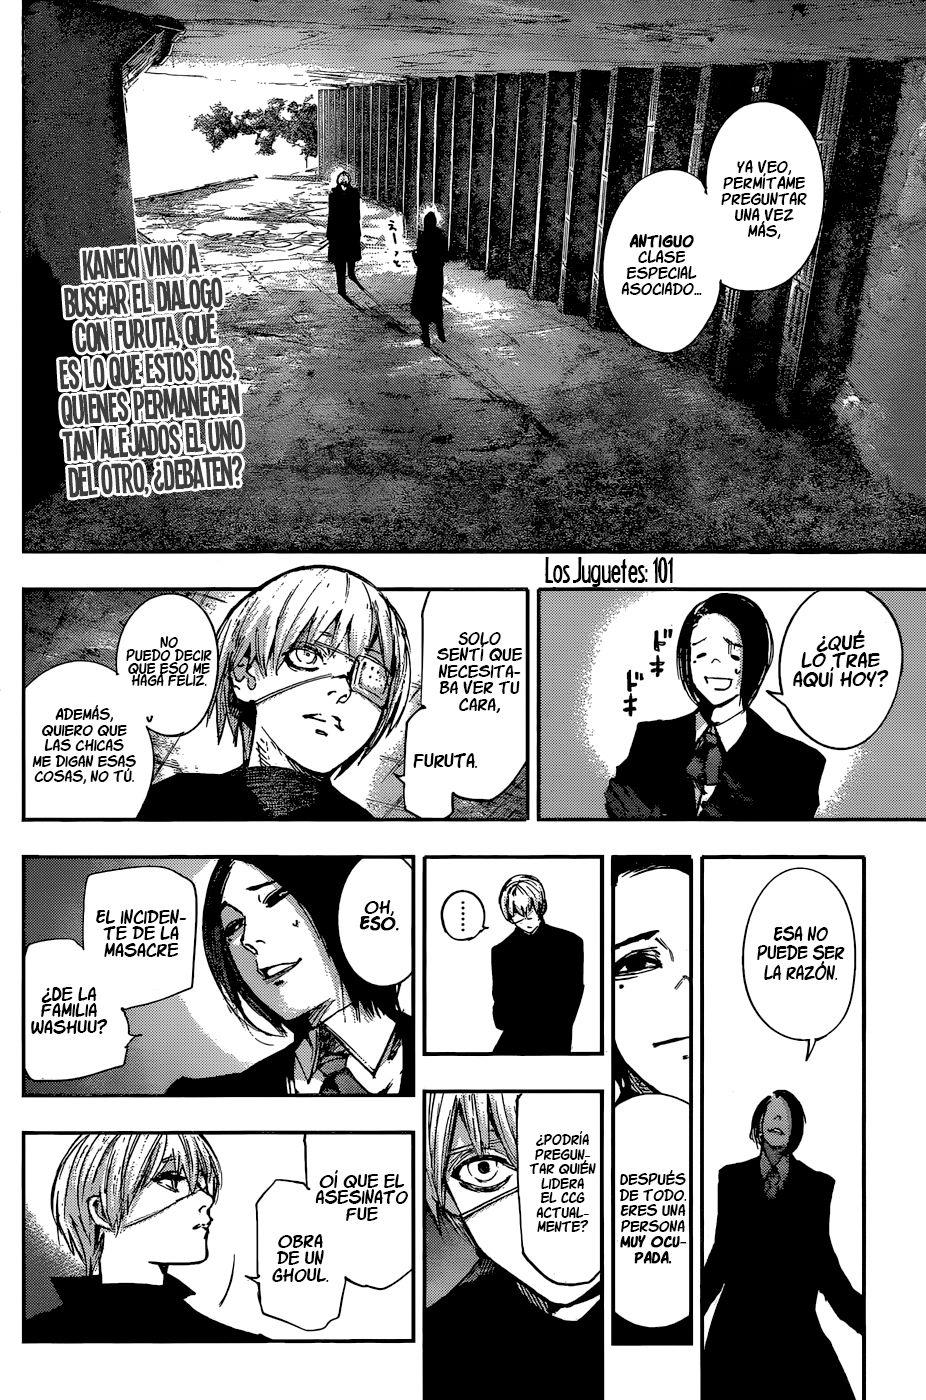 http://c5.ninemanga.com/es_manga/pic2/59/59/516653/9af79ea37e92042936090355ff6ceff1.jpg Page 2